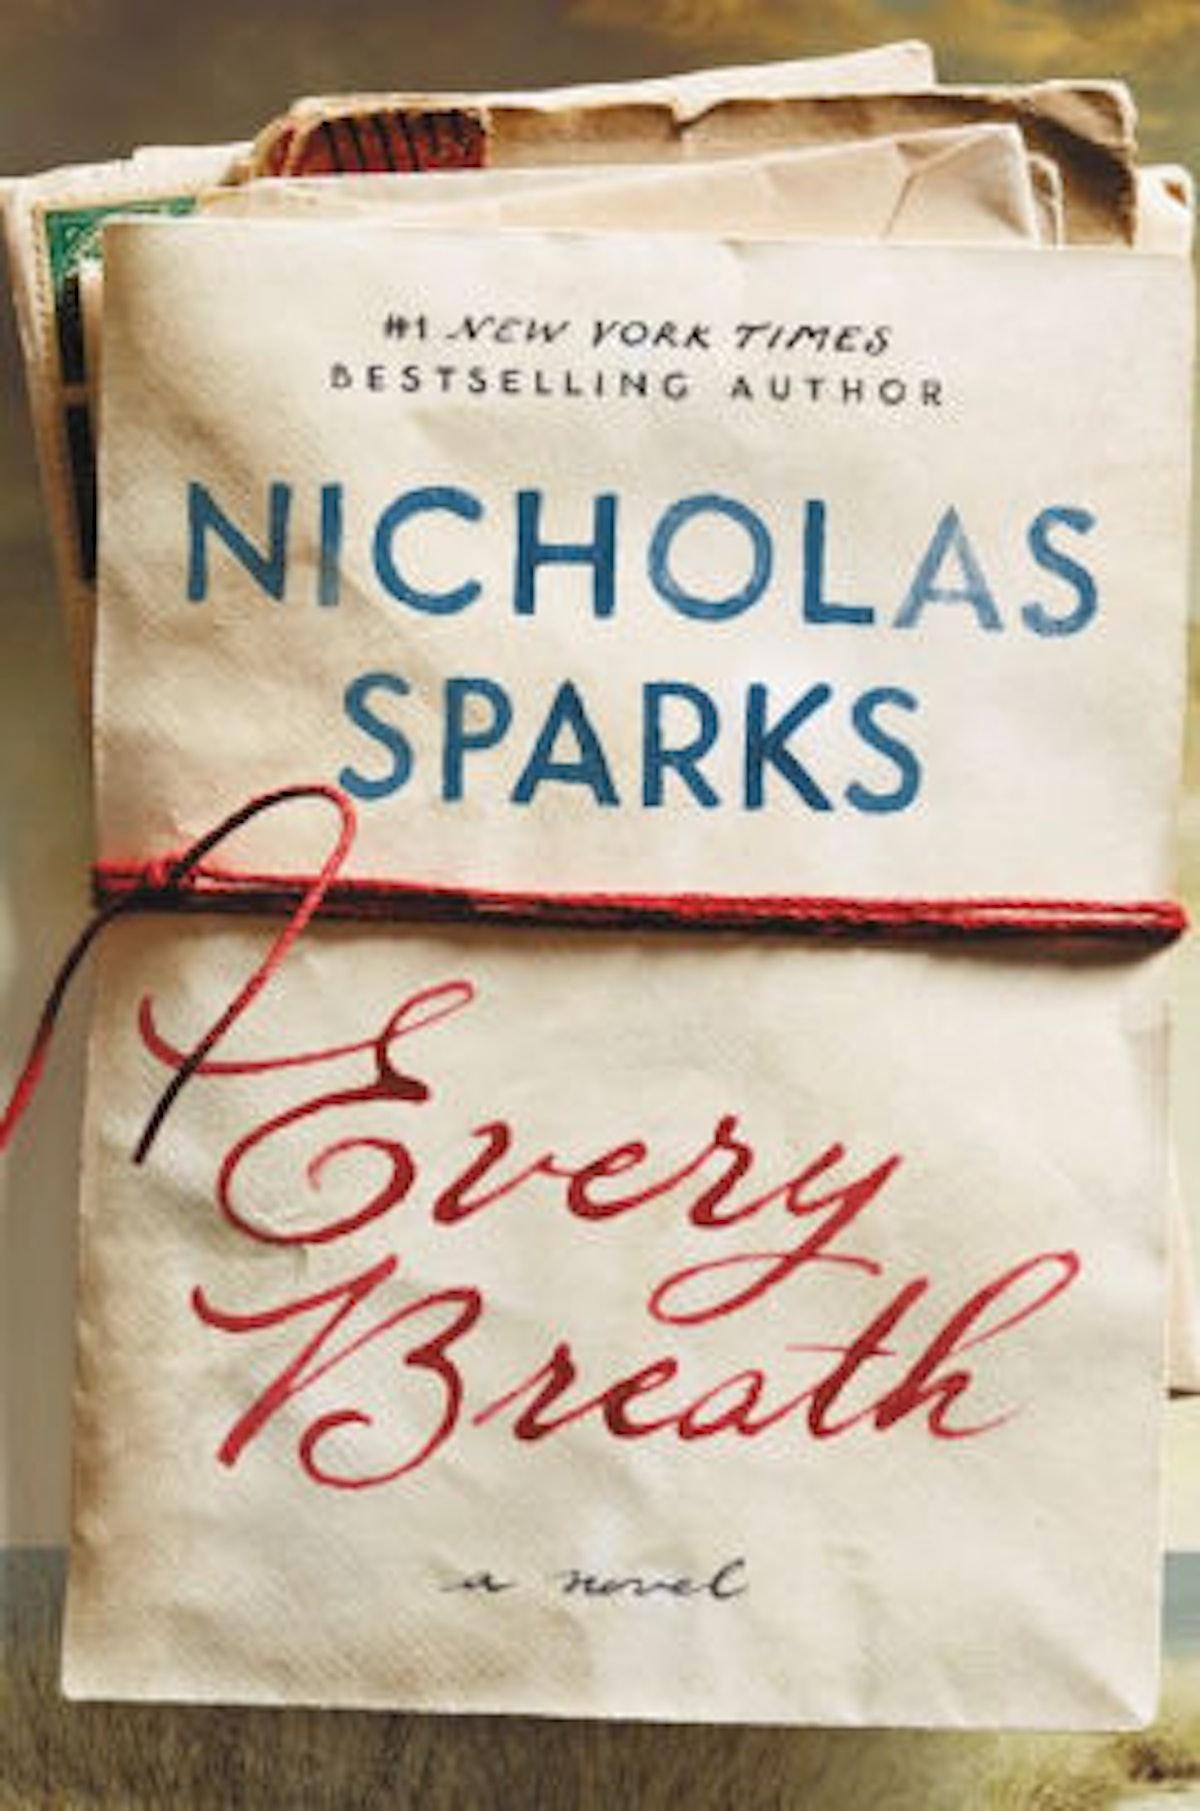 'Every Breath' by Nicholas Sparks